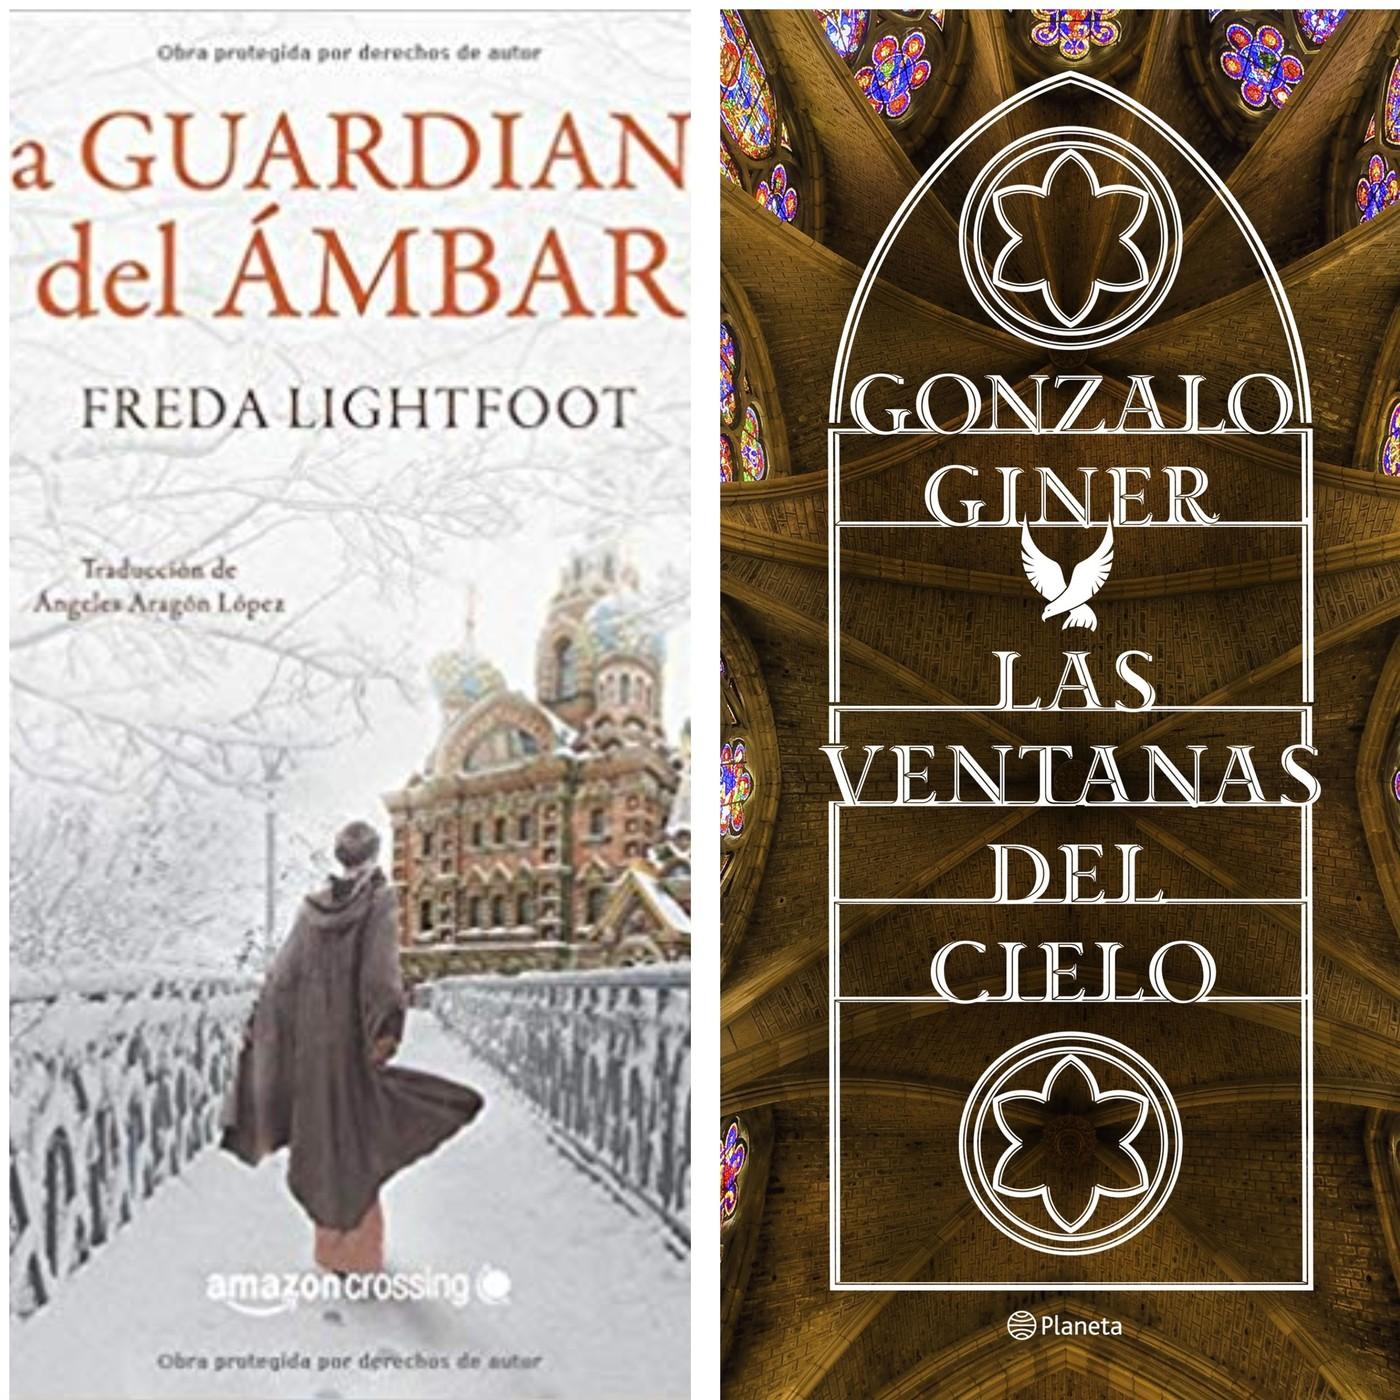 2x08 - La Guardiana del Ambar + Las Ventanas del Cielo en La Biblioteca del  Té en mp3(28/10 a las 14:02:48) 36:38 29655193 - iVoox